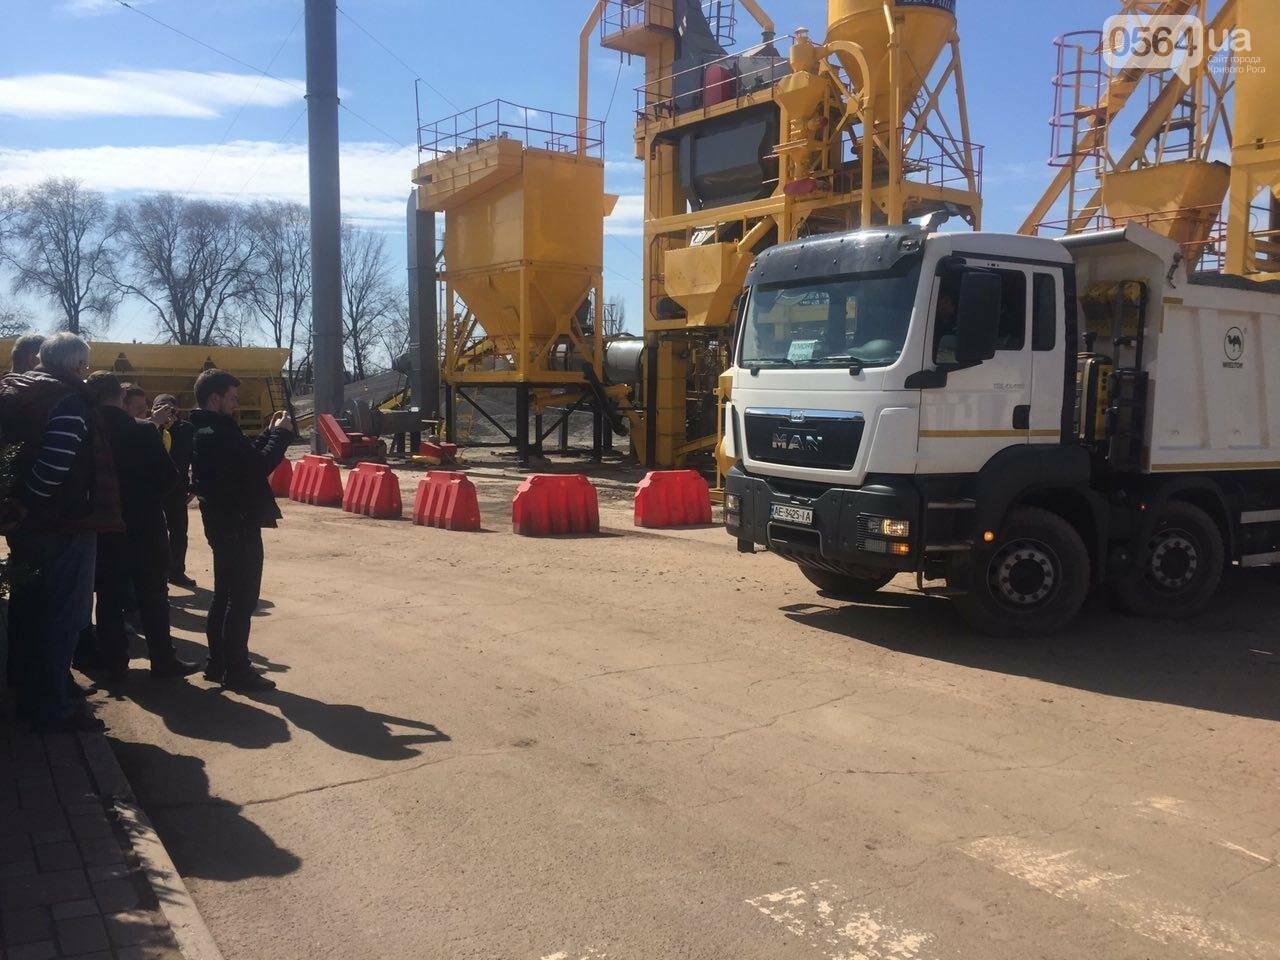 В Кривом Роге запустили первый асфальтный завод и рассказали о планах по ремонту дорог (ФОТО), фото-10